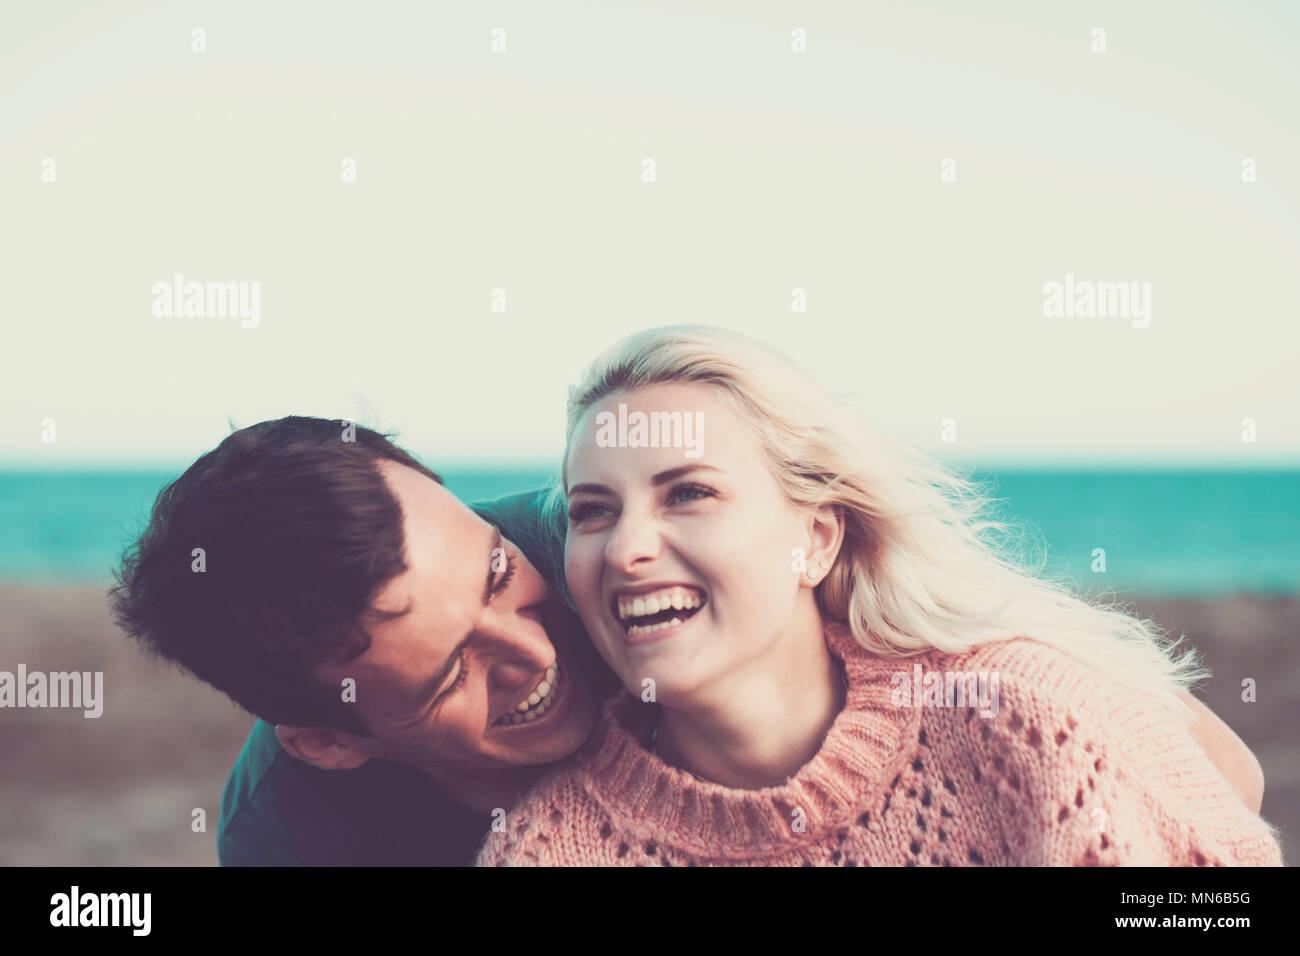 Young caucasian couple blonde et les cheveux noirs restent ensemble avec joie et amour piscine avec plage et l'océan en arrière-plan. vacances concept avec Photo Stock